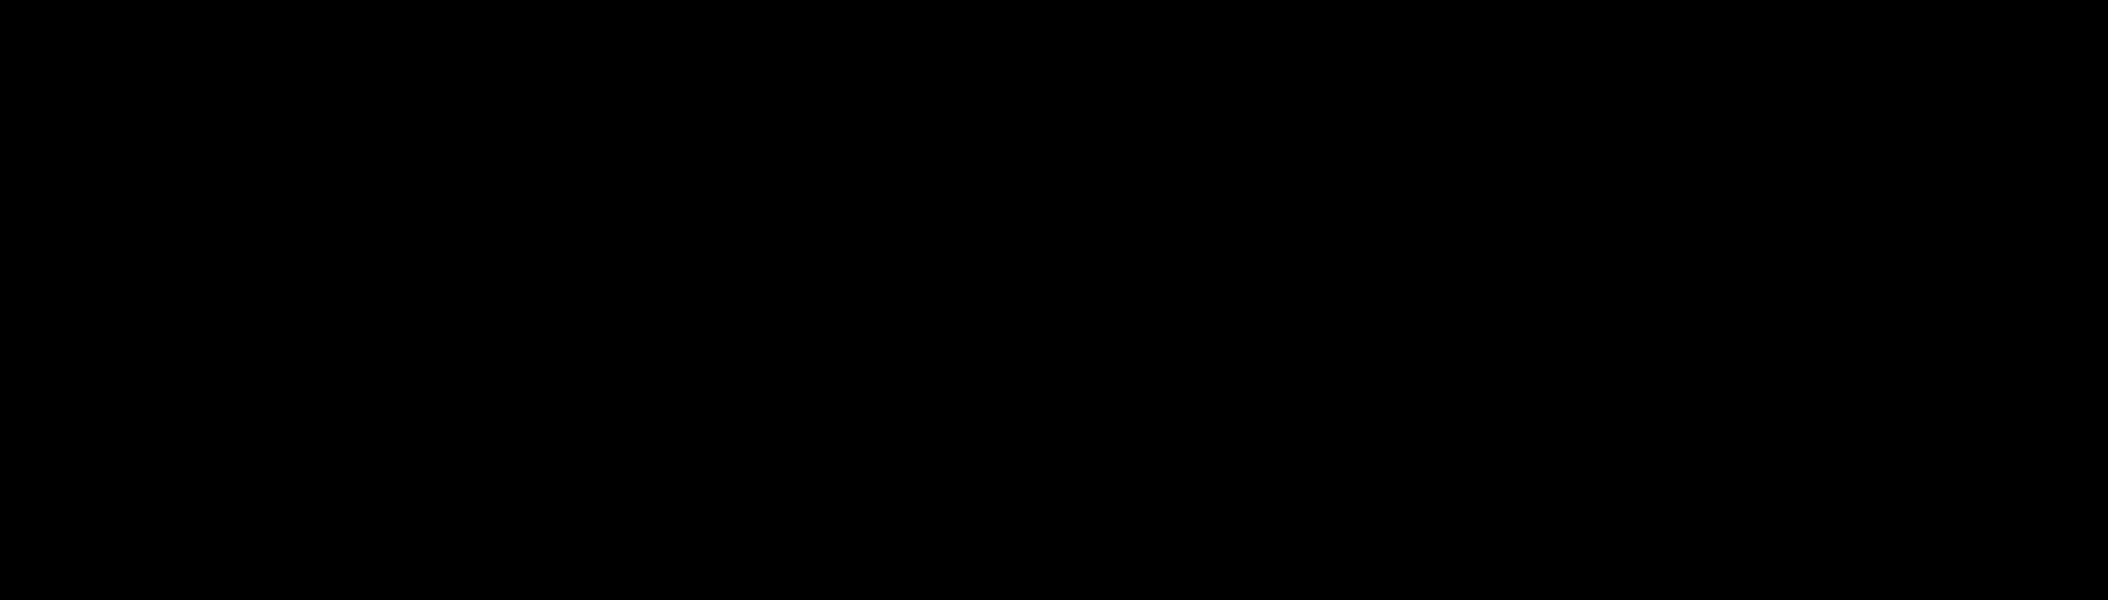 Discrète apparition pour David Beckham, projectionniste dans Agents très spéciaux-code UNCLE (2015)